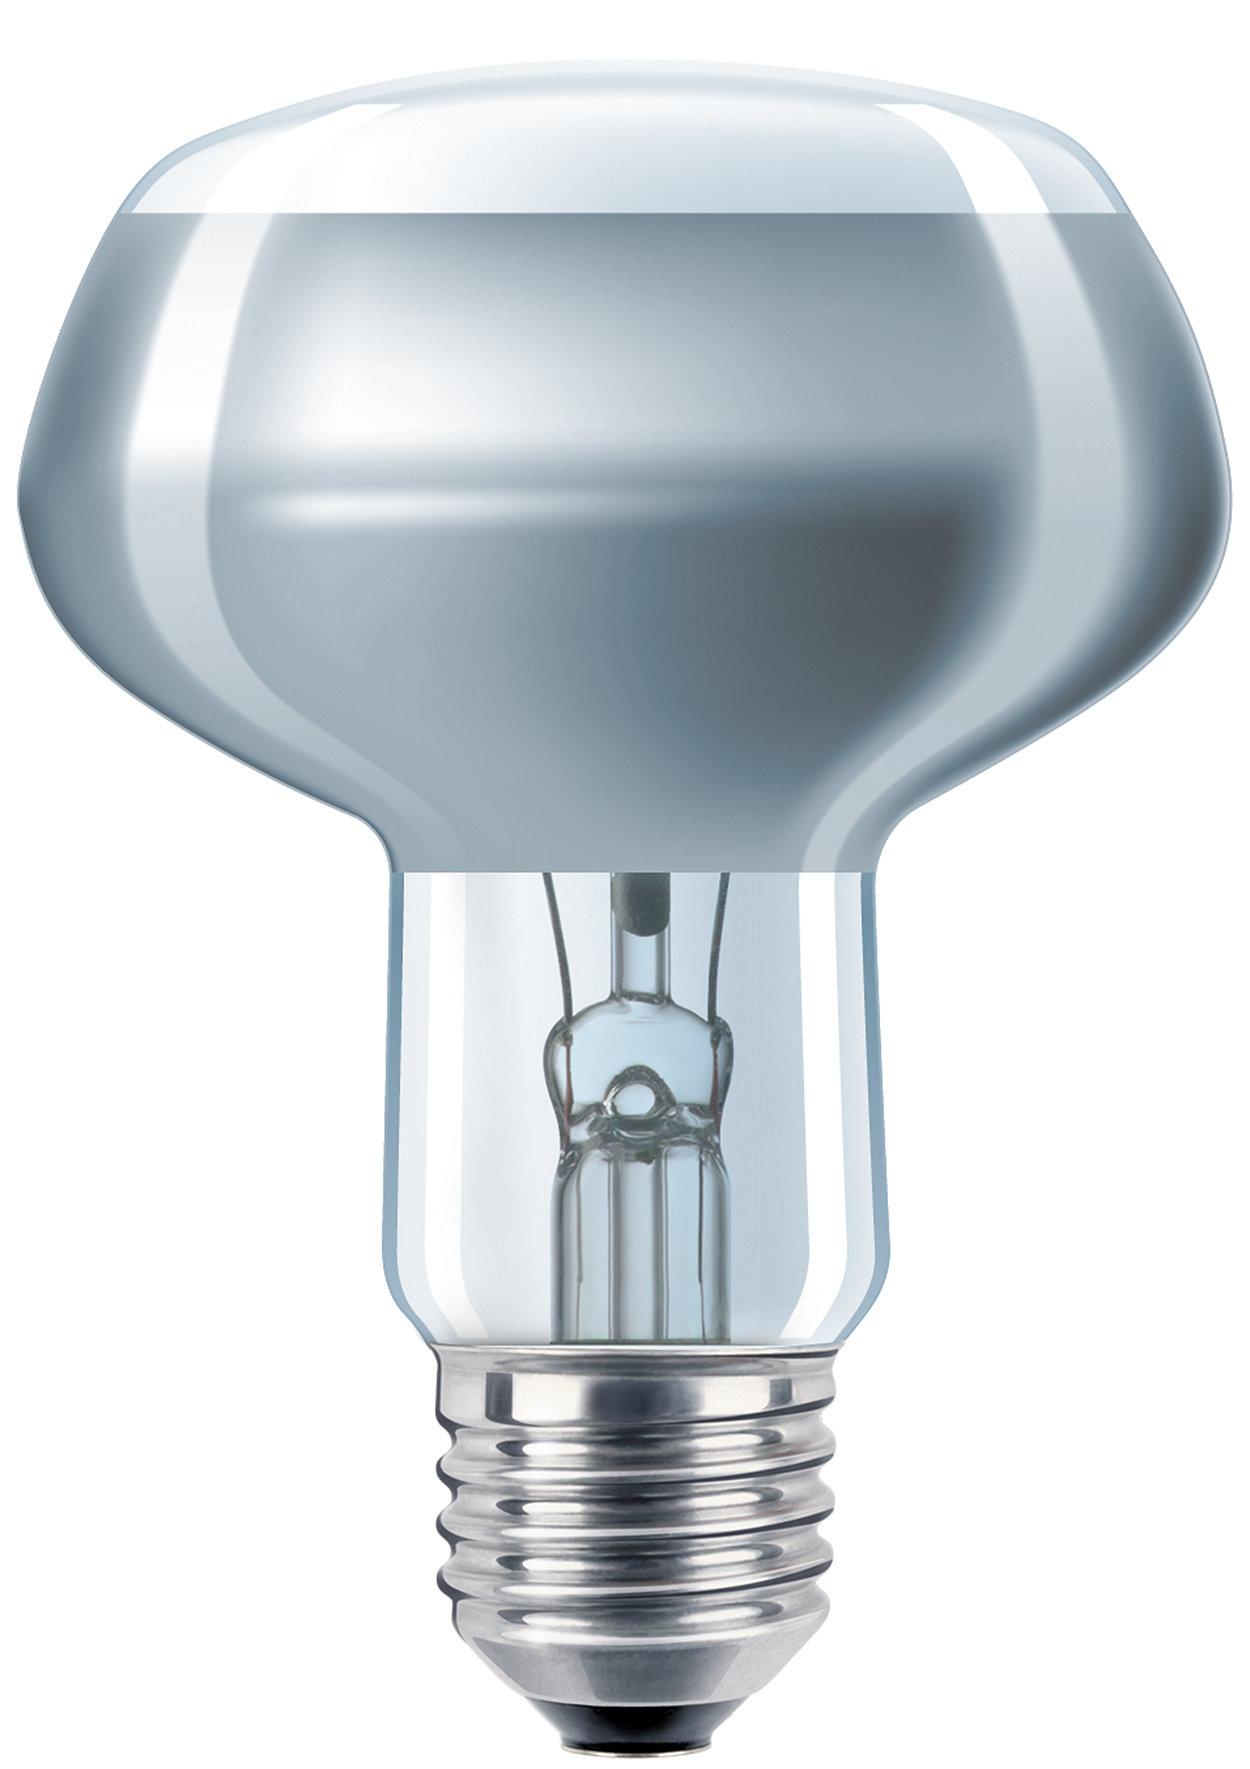 Reflektor u boji od prešanog stakla